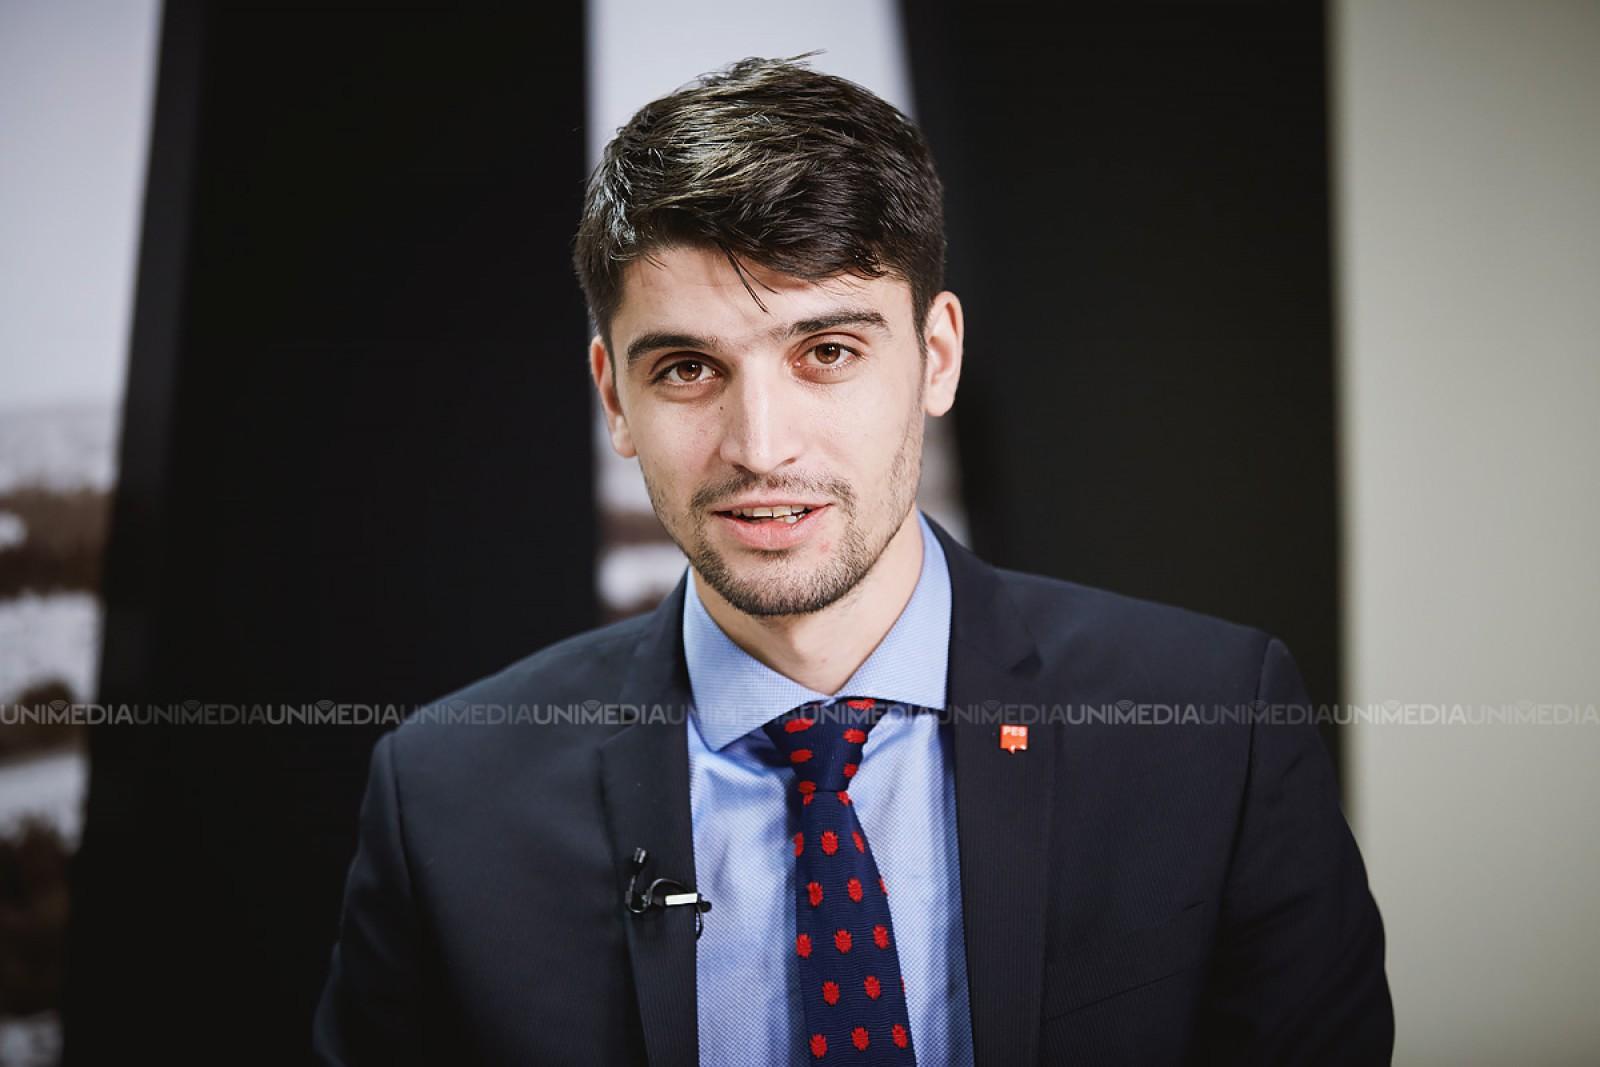 Interviu cu basarabeanul Veaceslav Șaramet, secretar de stat la Ministerul pentru Românii de Pretutindeni: În anul Centenarului am reușit să alocăm 3,4 milioane de Euro